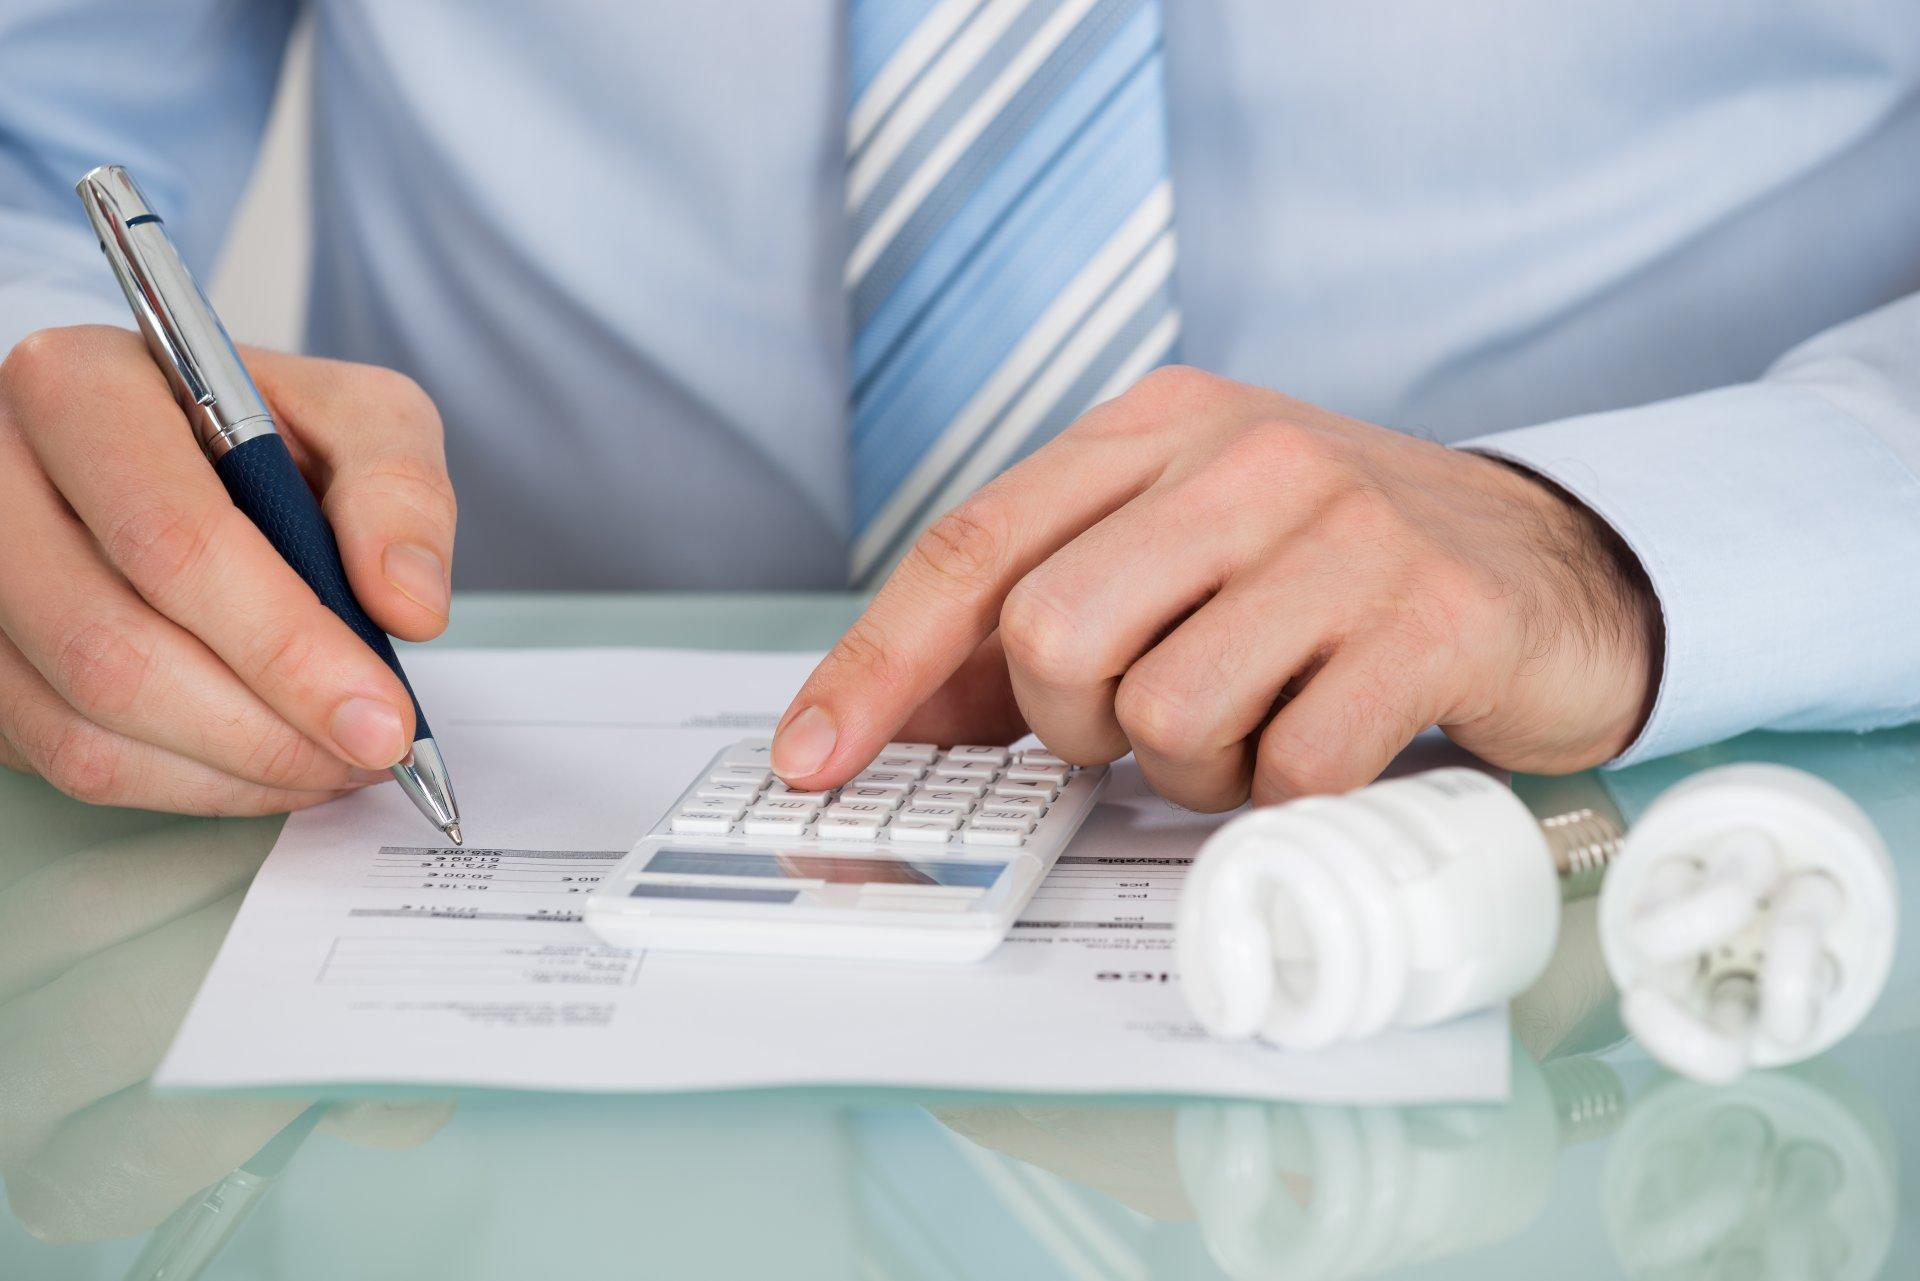 Jak zmienią się nasze rachunki za energię elektryczną w przyszłym roku? - Aktualności - Urząd Regulacji Energetyki